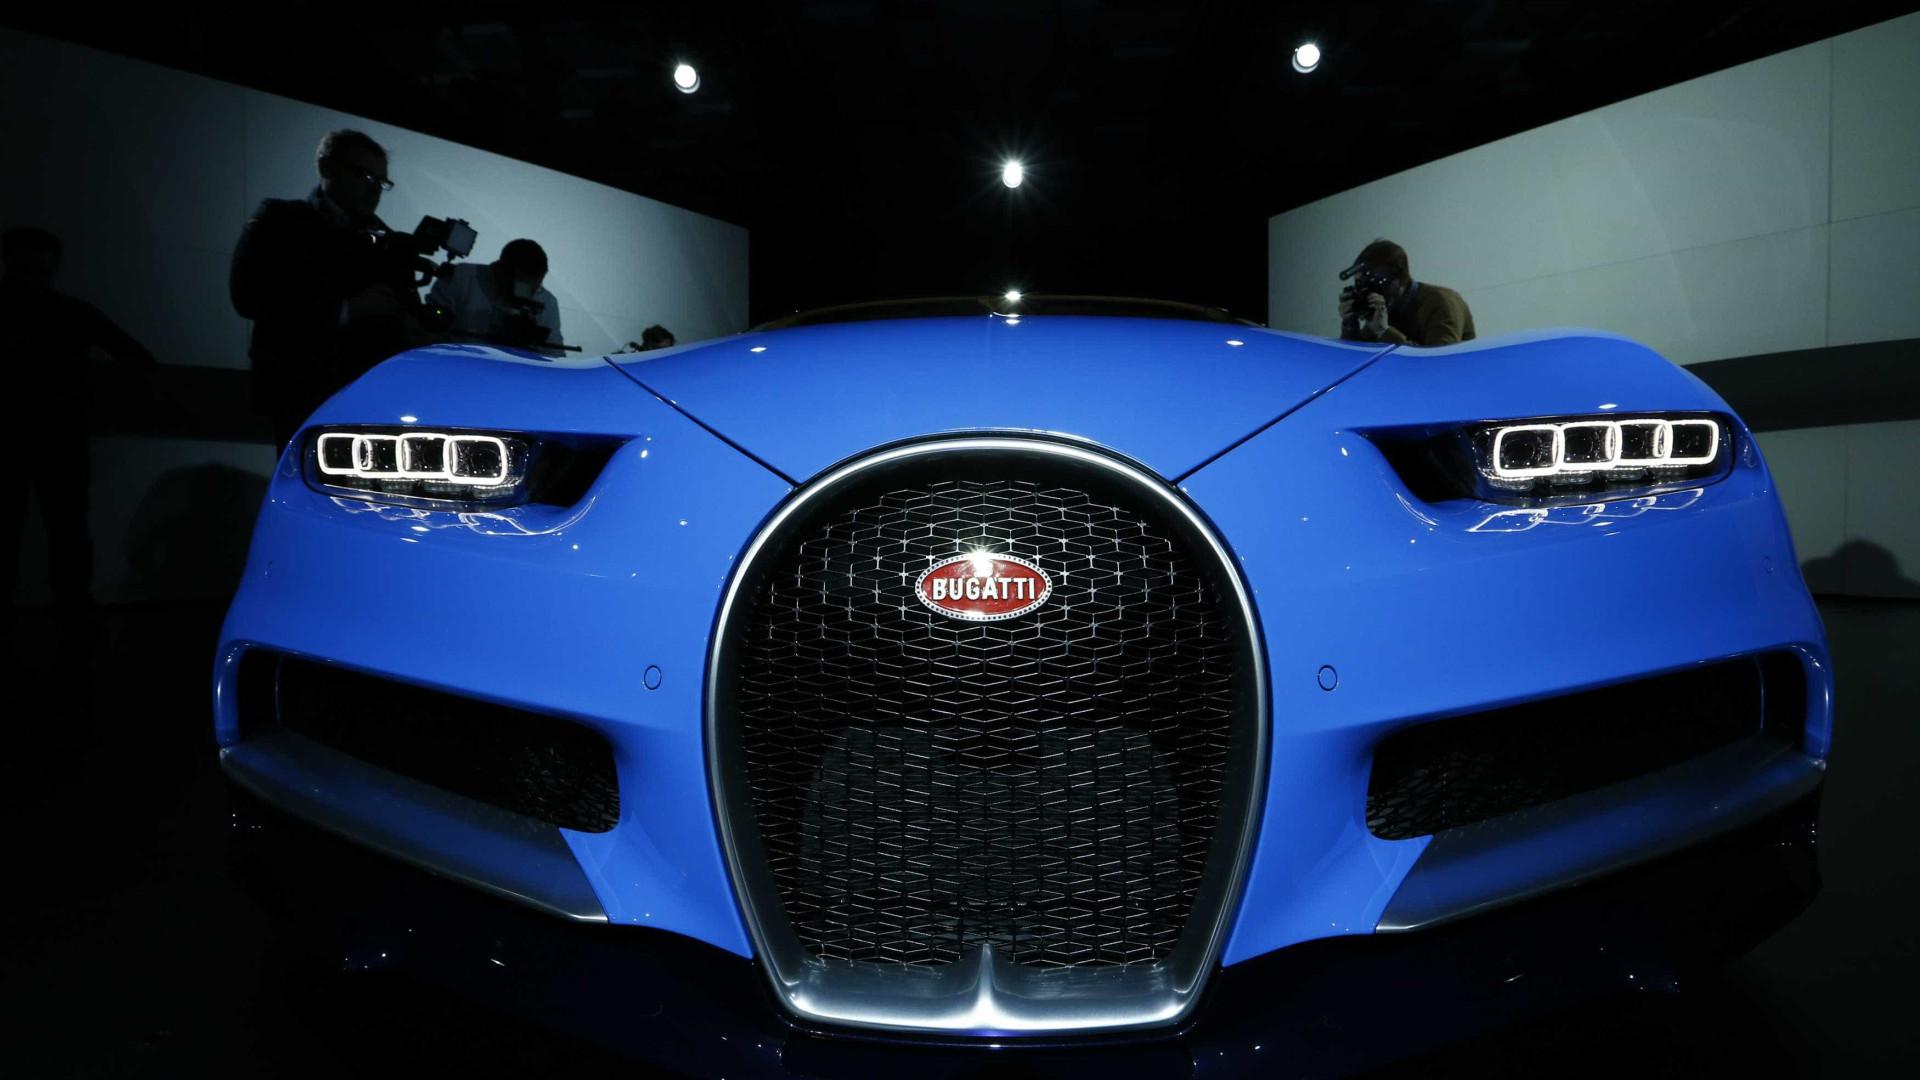 0-400-0 Km/h. Koenigsegg com novo recorde mundial a caminho?